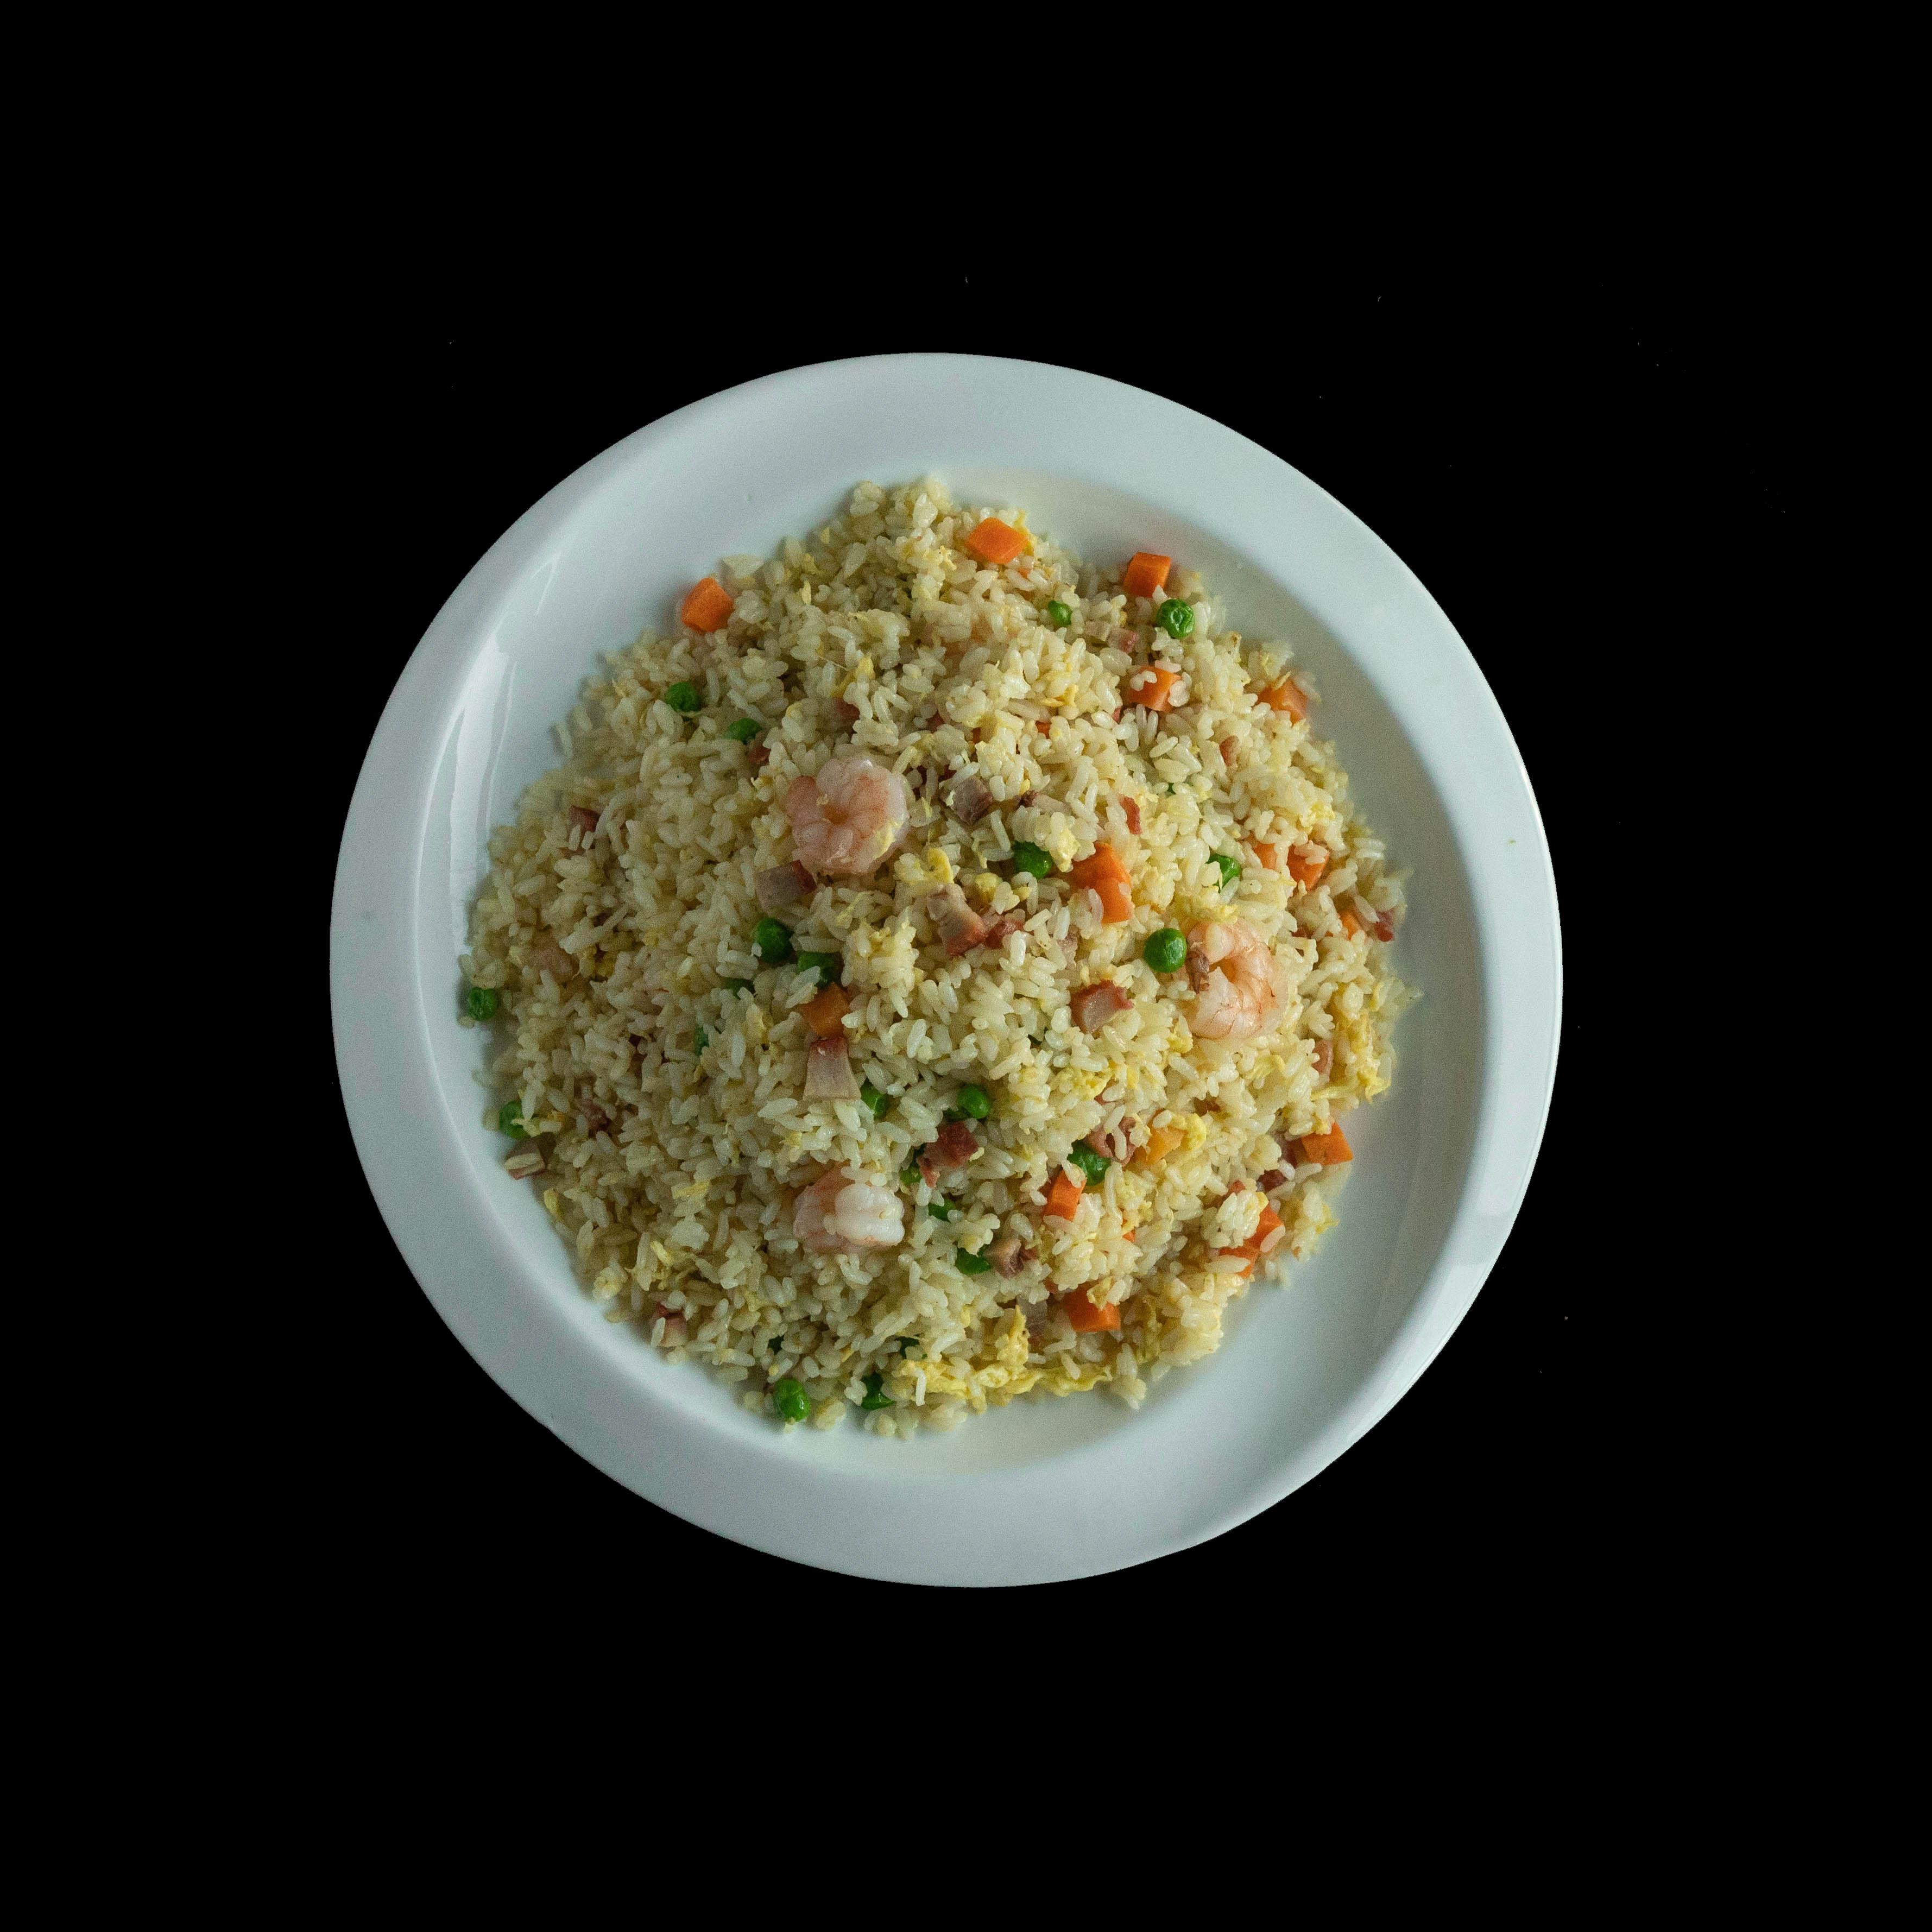 101. 蛋炒饭 Egg Fried Rice Image